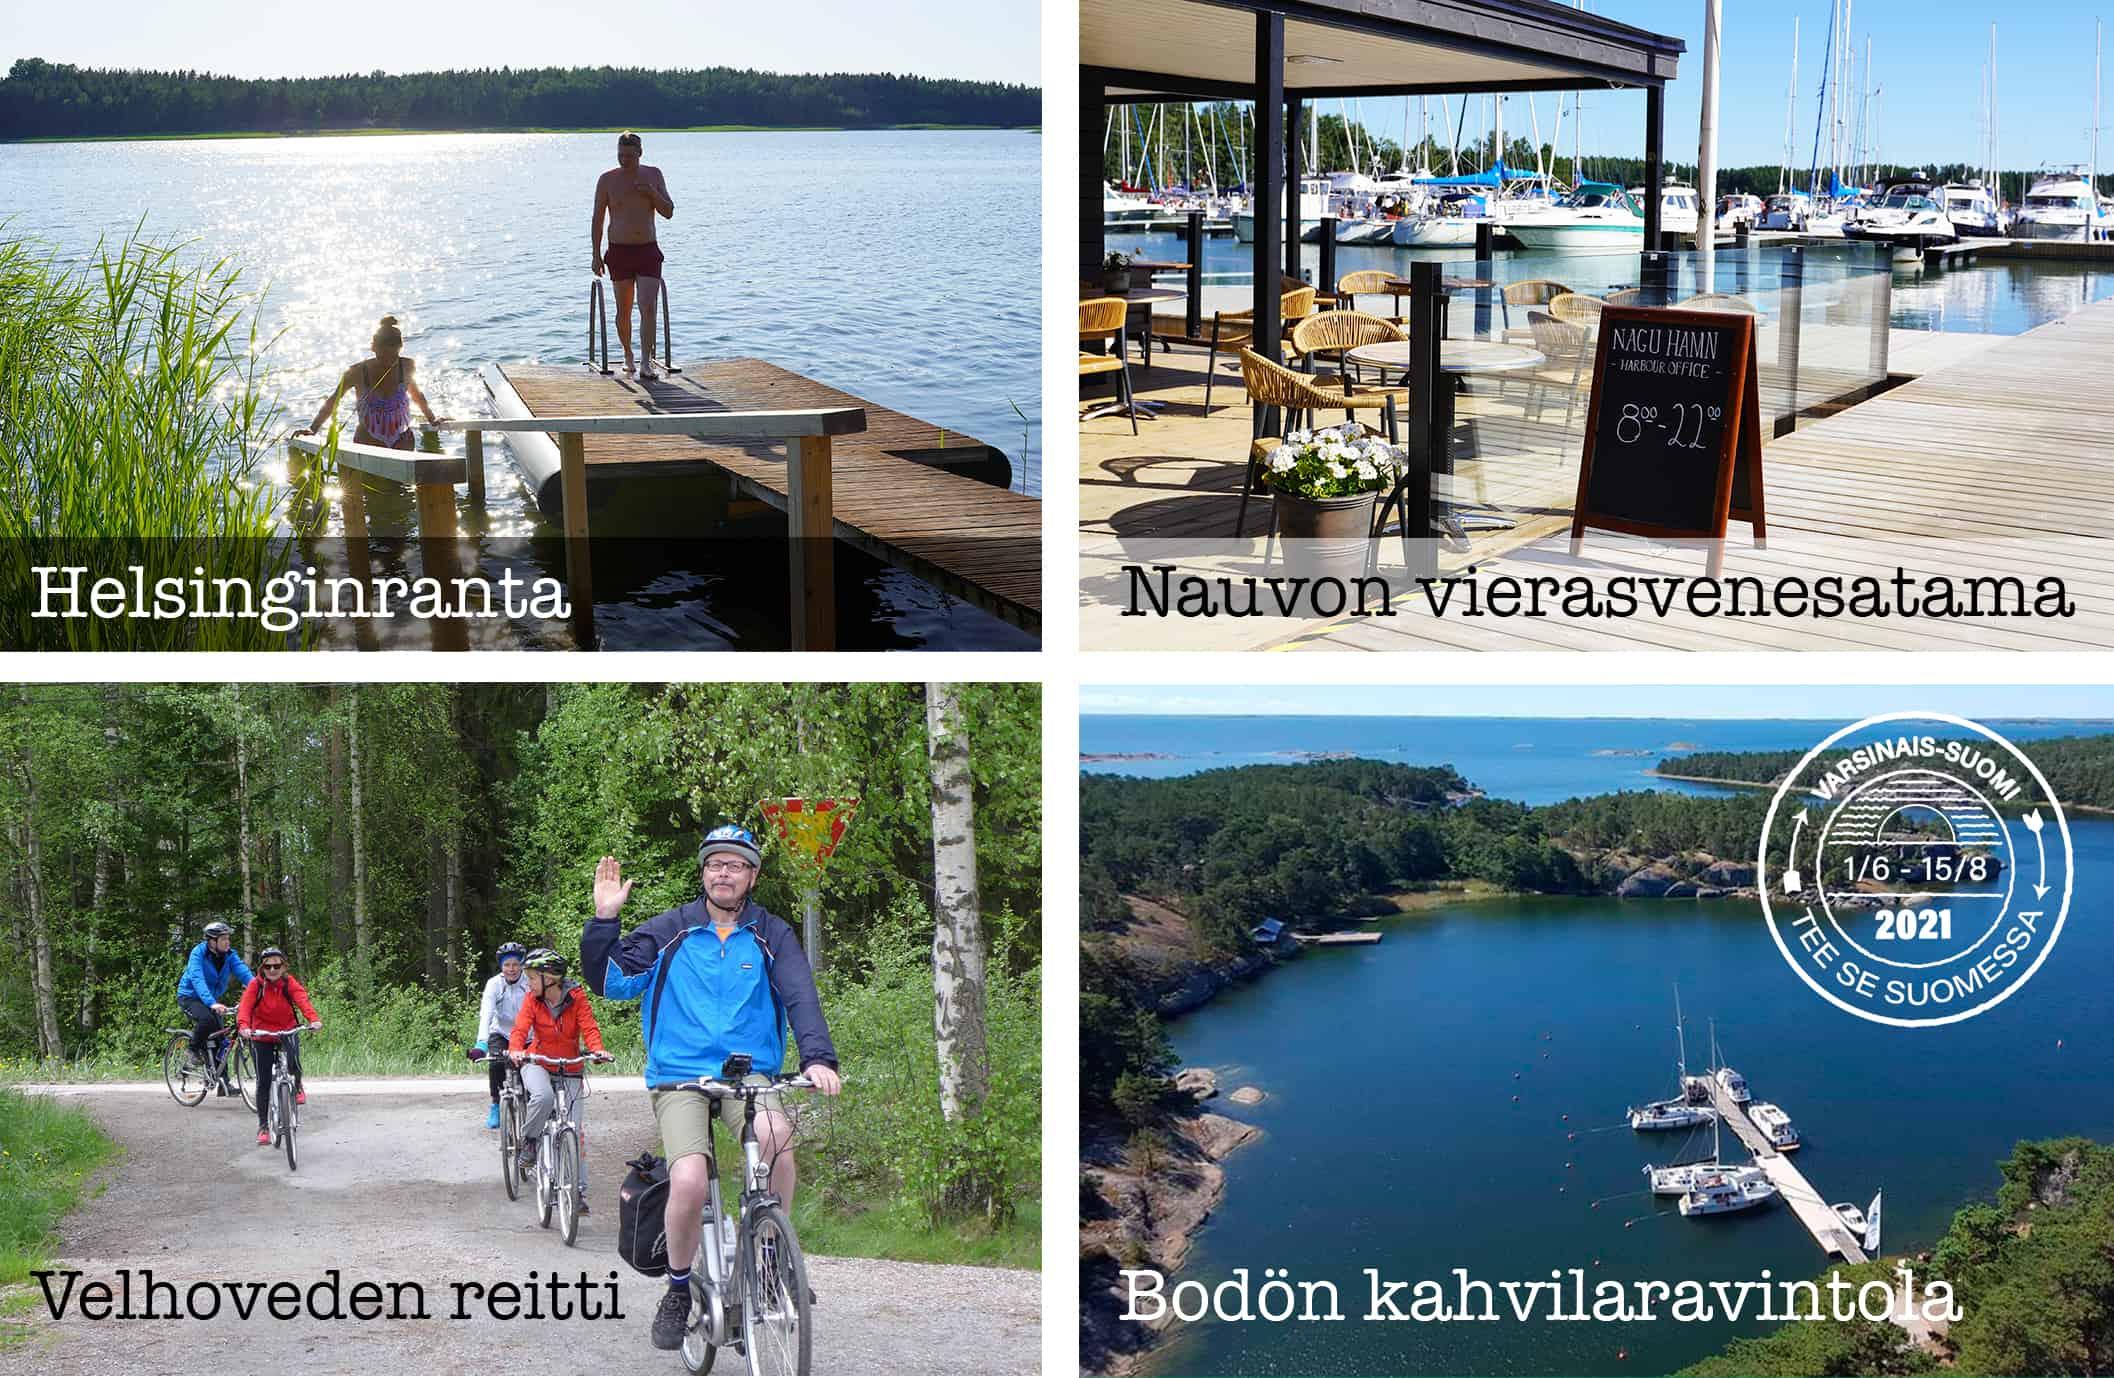 Kuvakooste, jossa esillä Helsinginranta, Nauvon vierasvenestama, Velhoveden reitti ja Bodön kahvilaravintola.